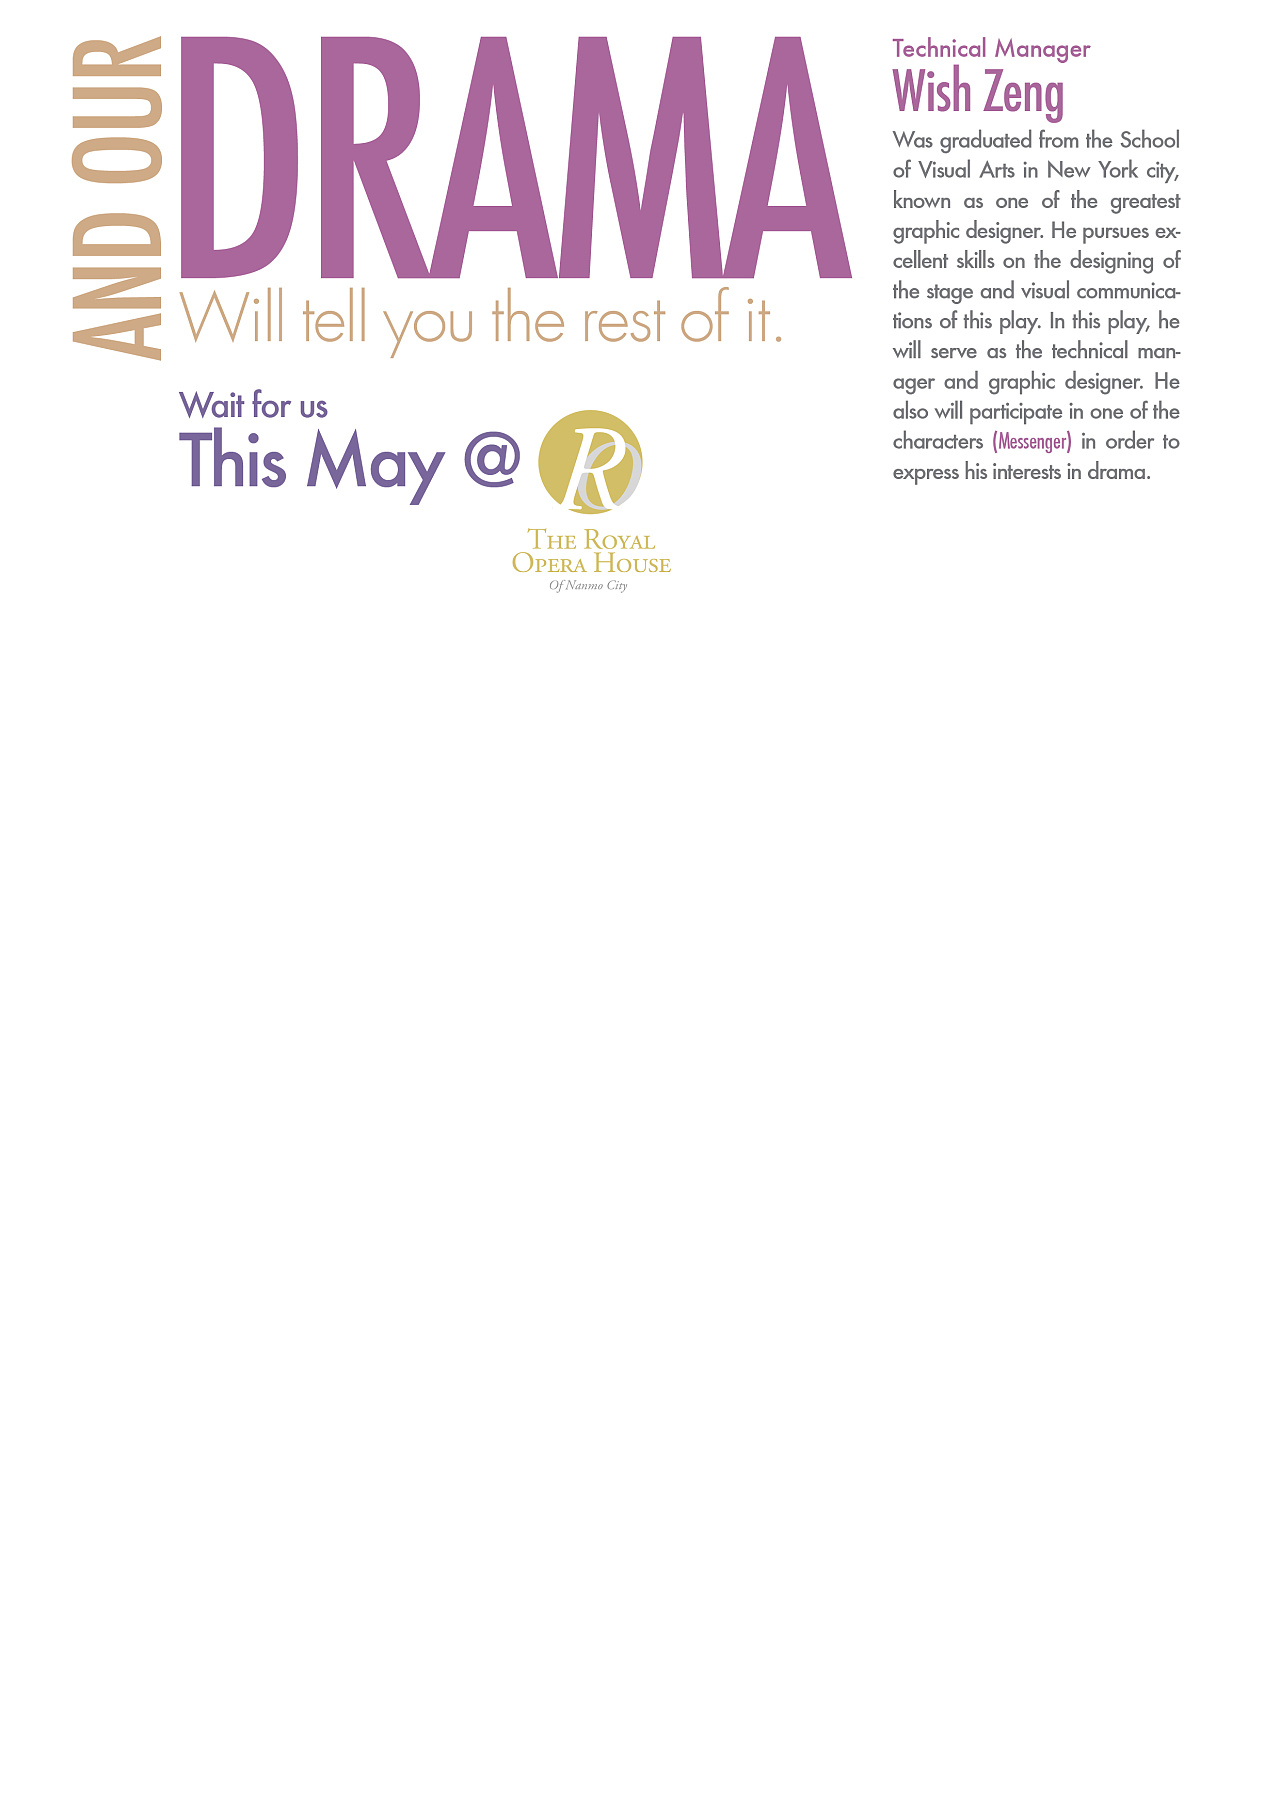 学校宣传册封面_学校戏剧课Rapunzel音乐剧宣传册|平面|其他平面|zengwish - 原创作品 ...